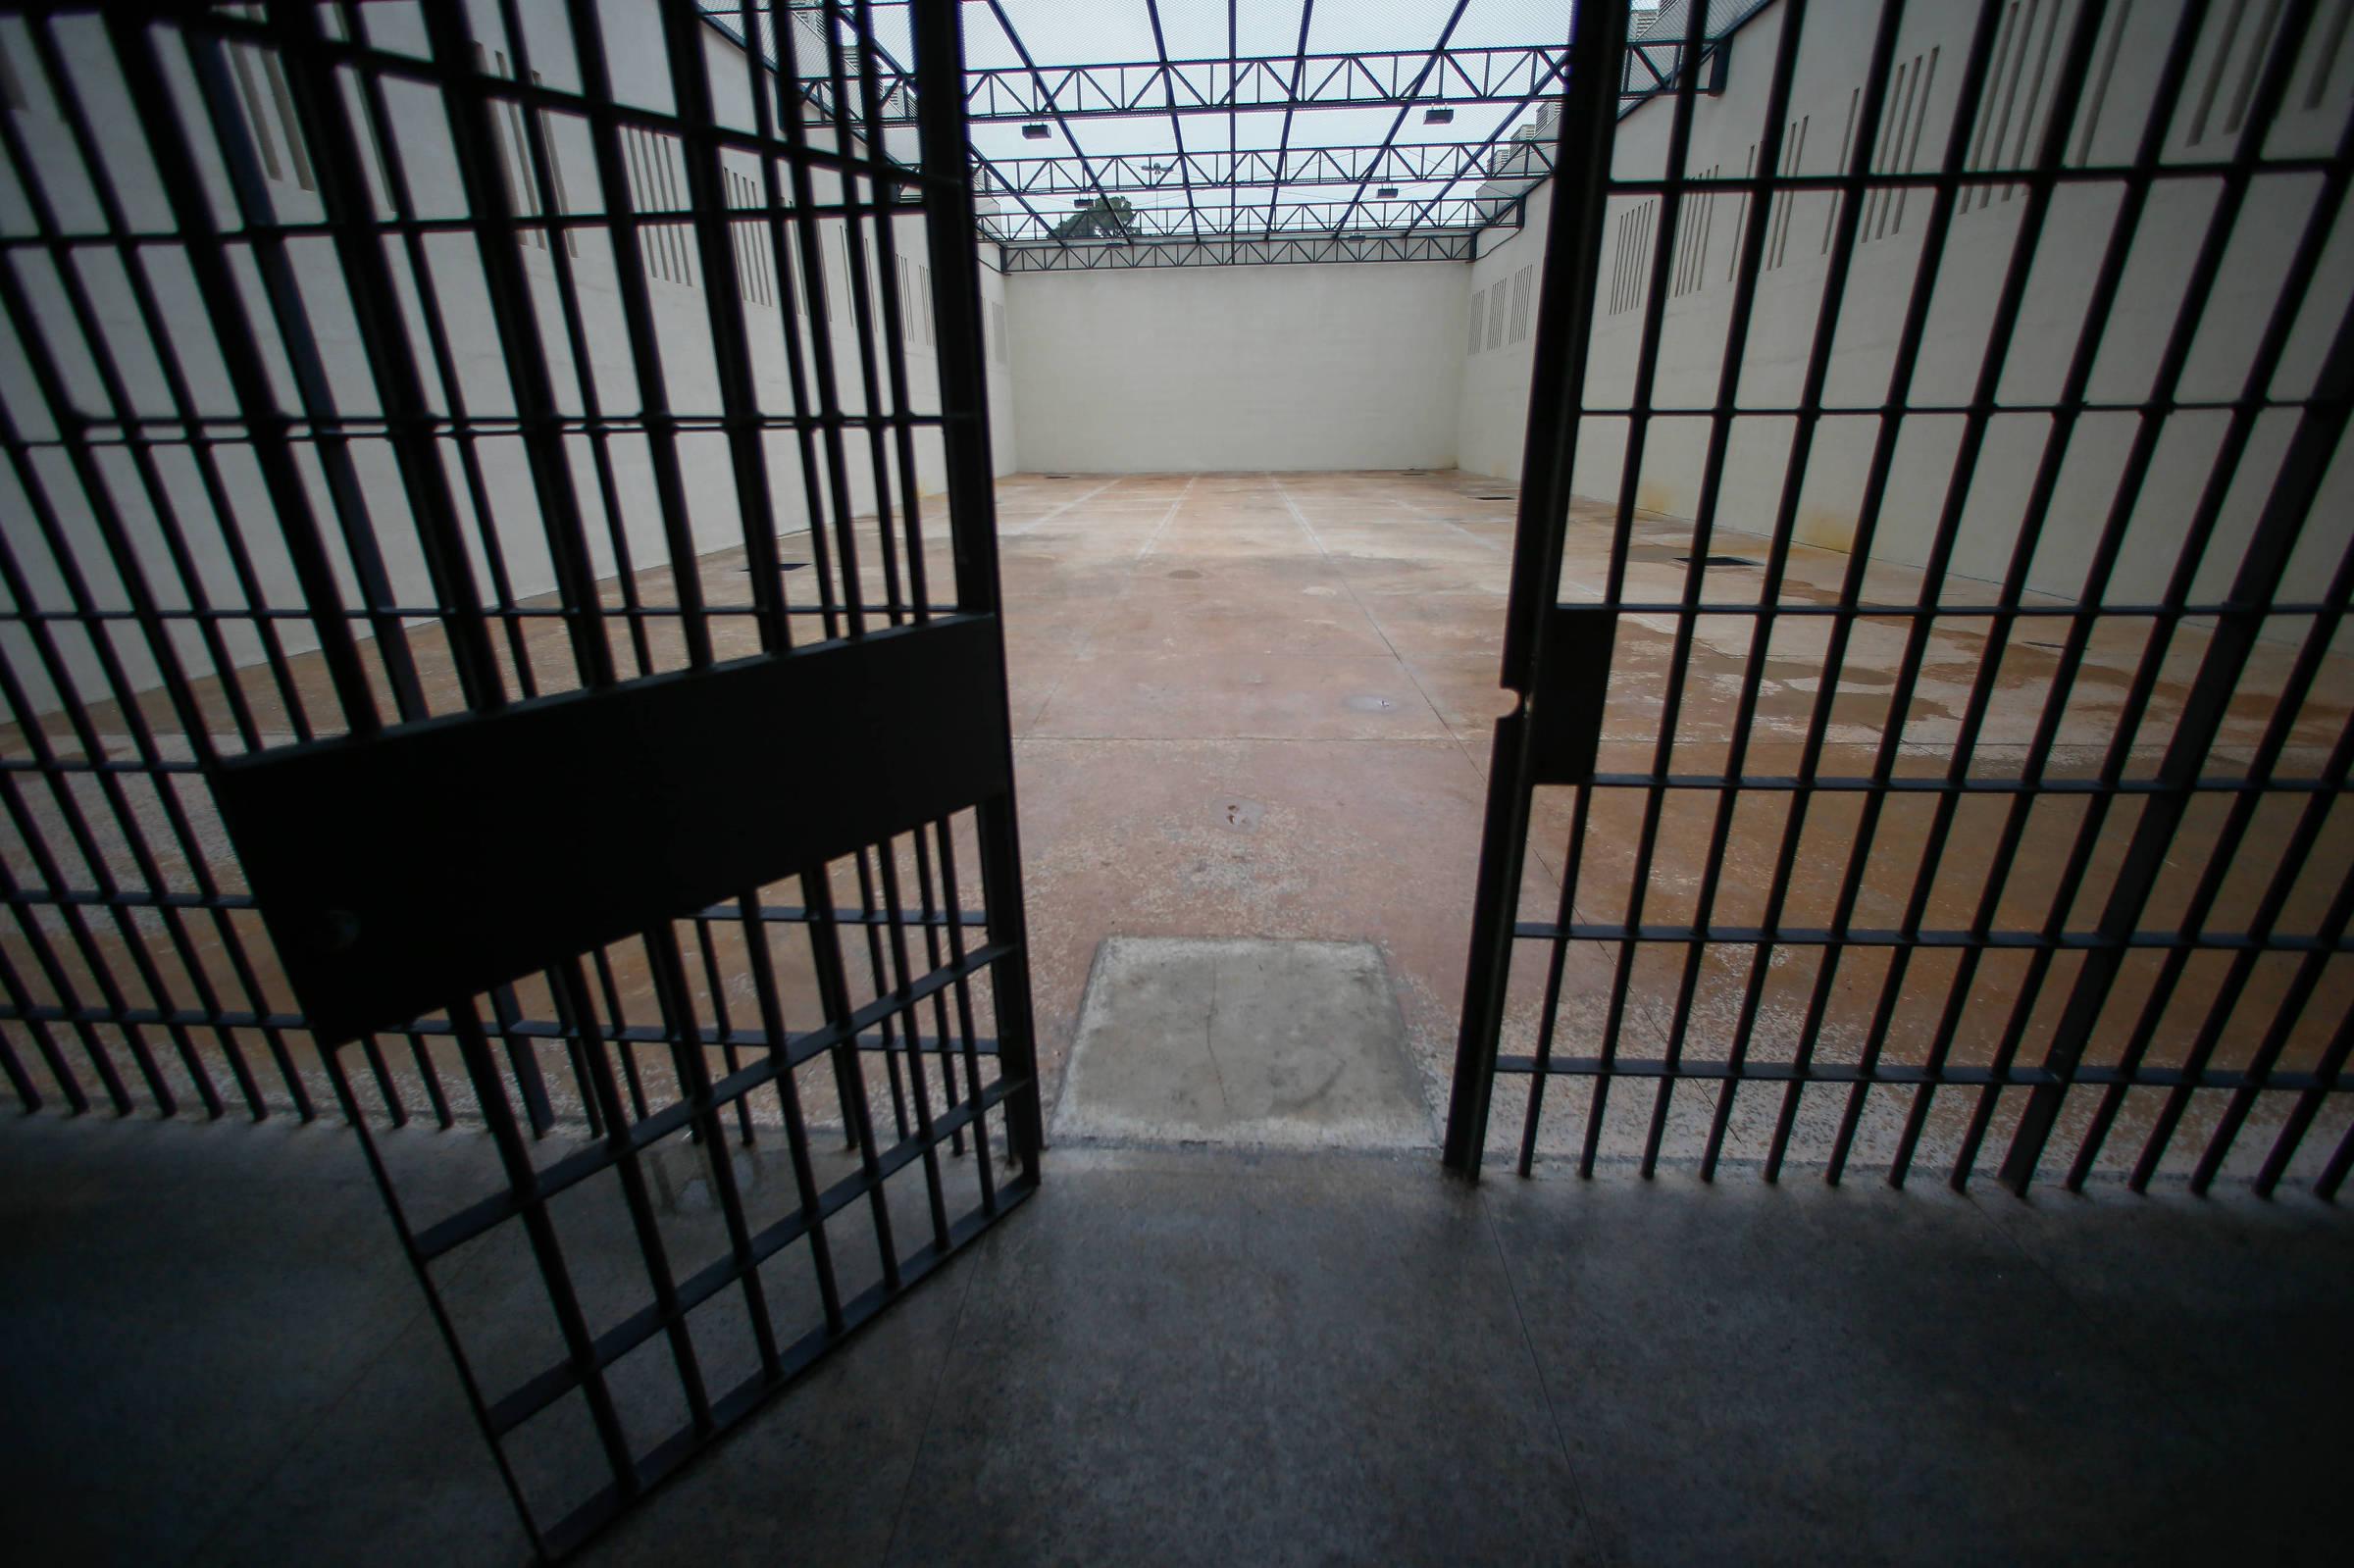 Reforma da Previdência pode dificultar ainda mais auxílio a família de presos